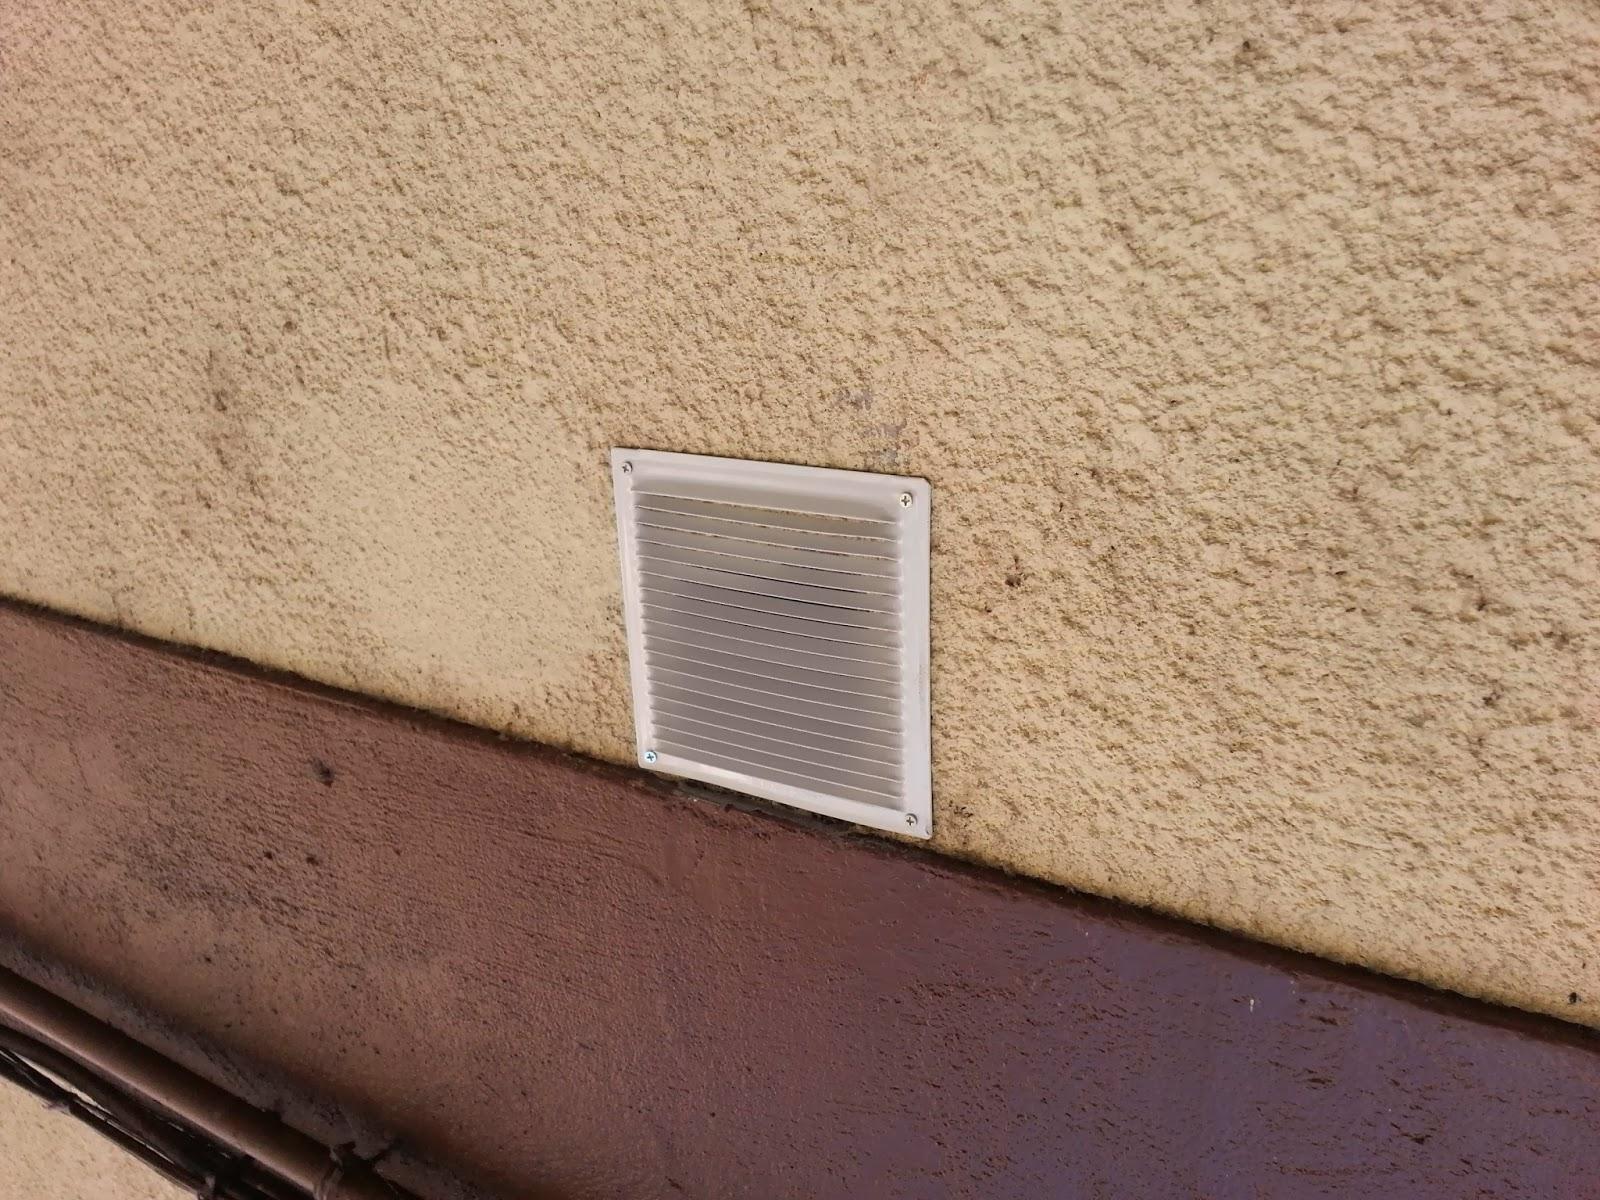 Como quitar la humedad de mi casa finest manchas de humedad with como quitar la humedad de mi - Quitar humedad pared ...